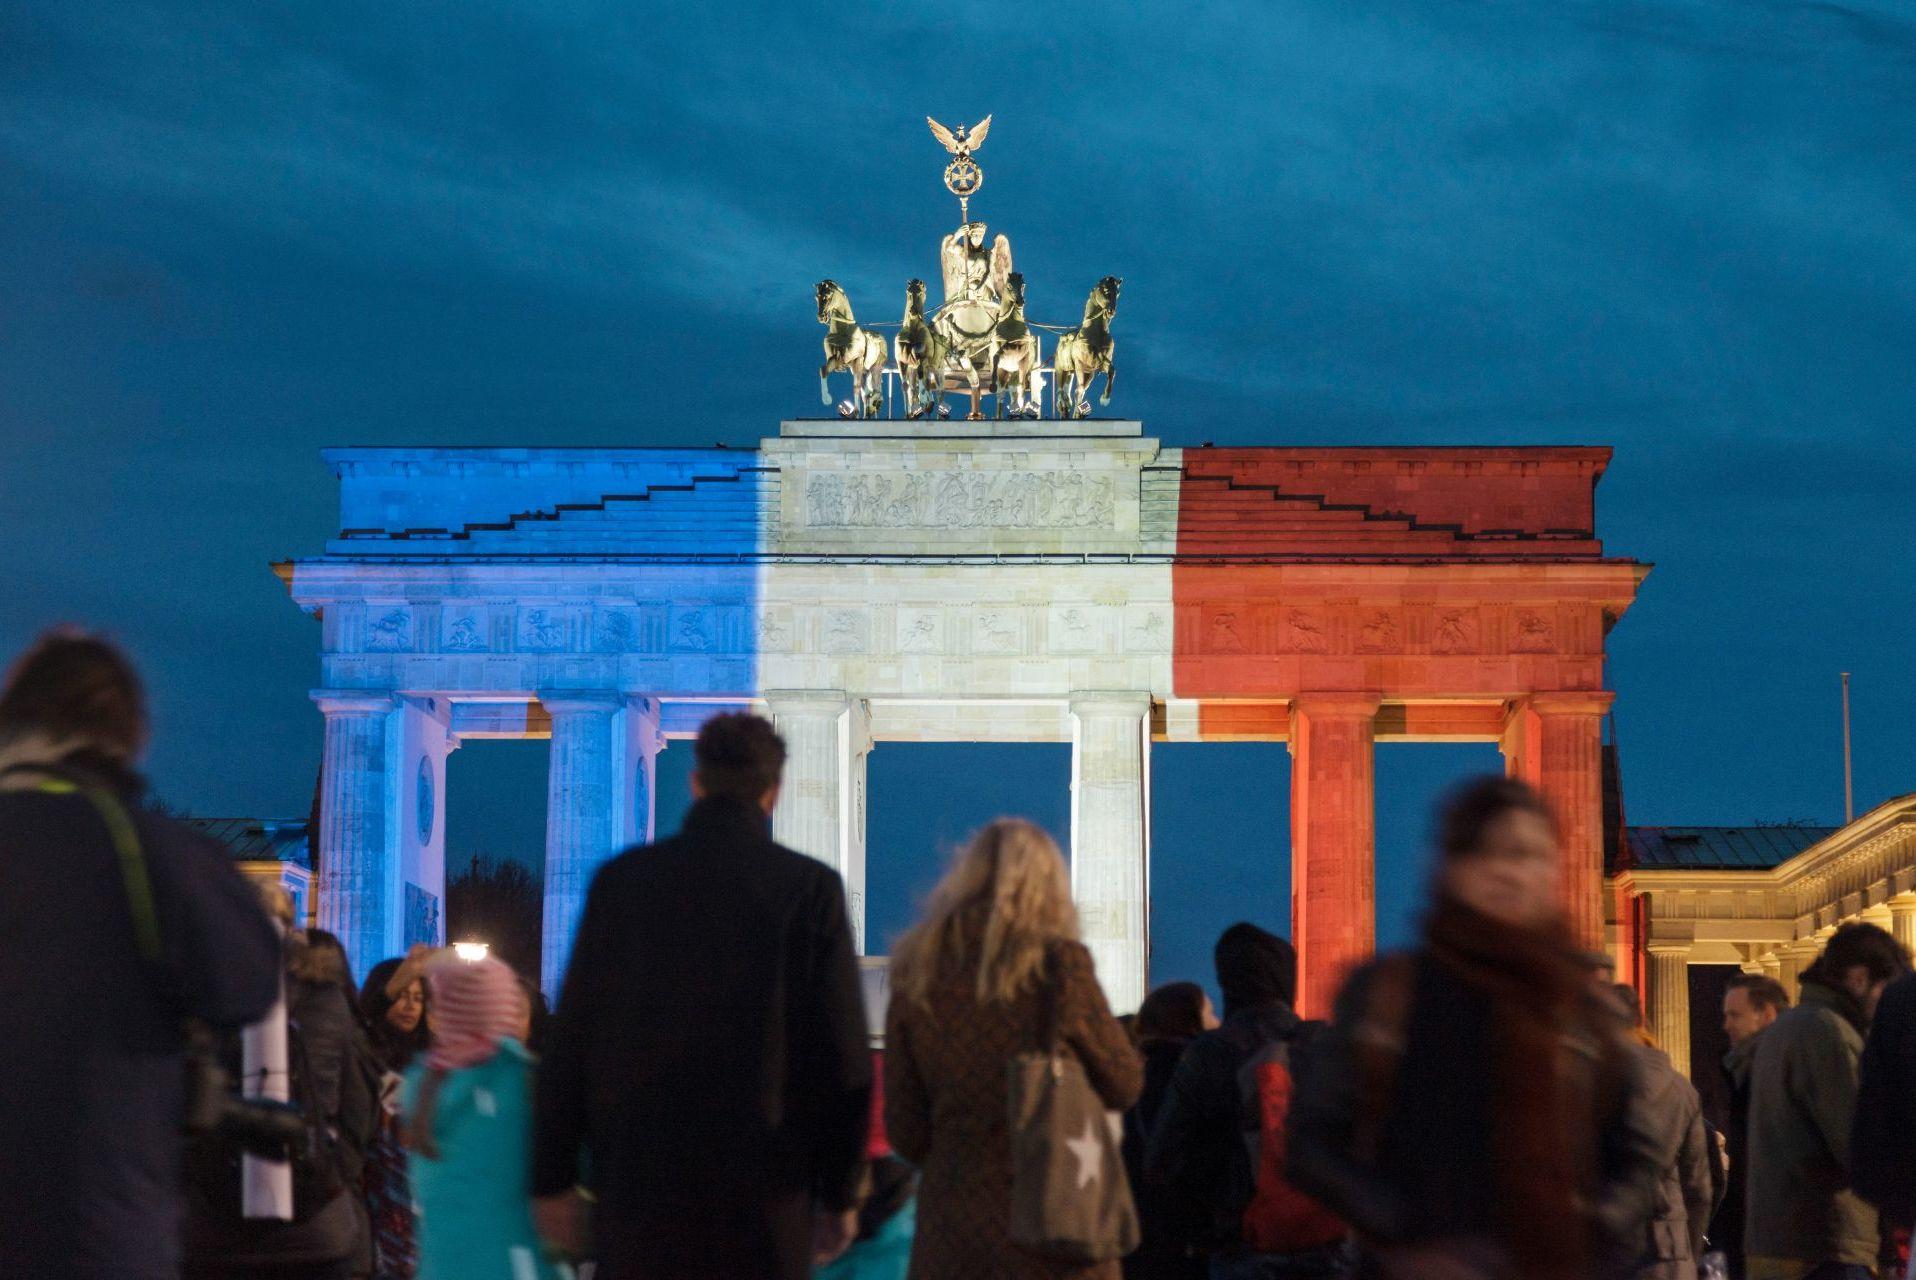 Fotografie von Pierre Adenis. Brandenburger Tor mit Tricolore-Beleuchtung. Rückblende 2015. Der deutsche Preis für politische Fotografie und Karikatur